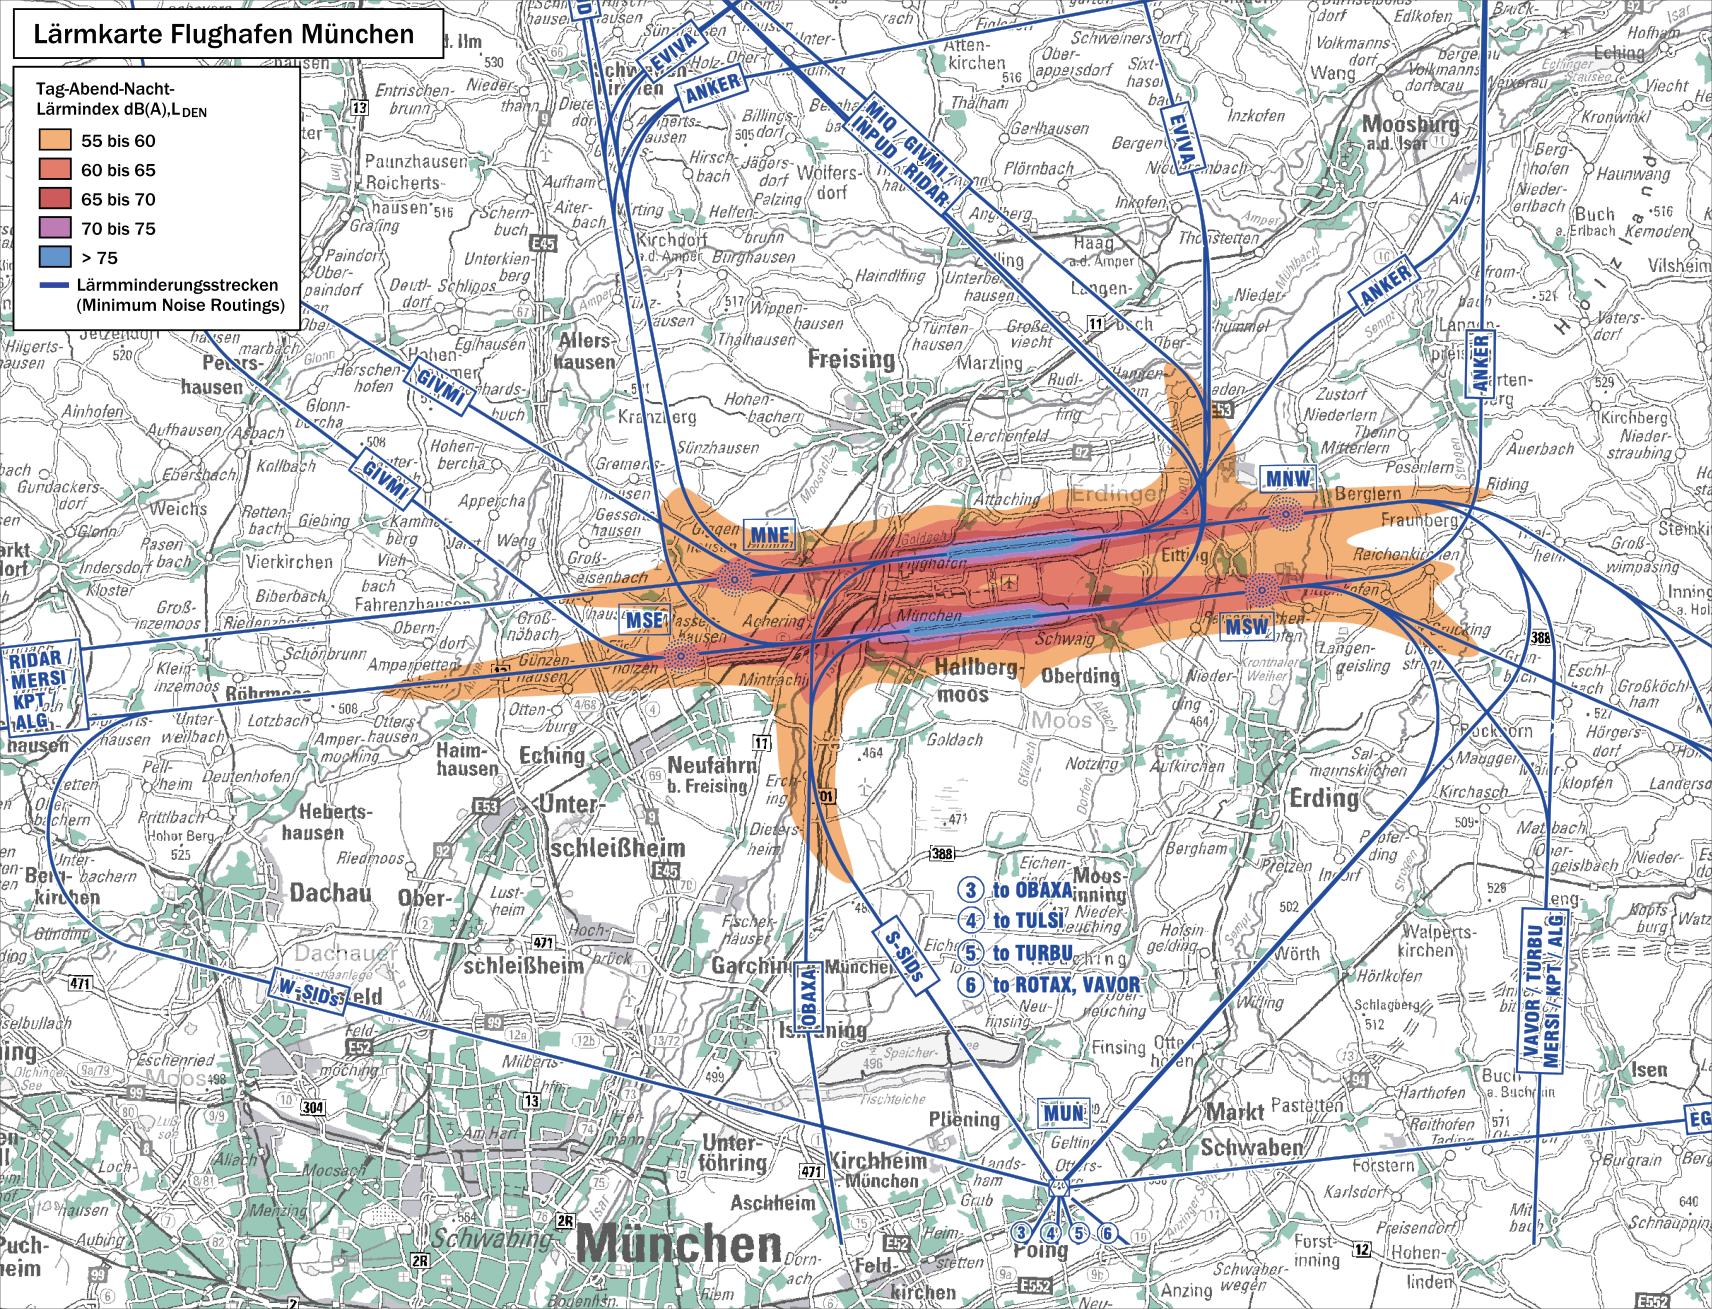 Lärmkarte des Flughafens München mit den Abflugrouten Lärmminderungsrouten